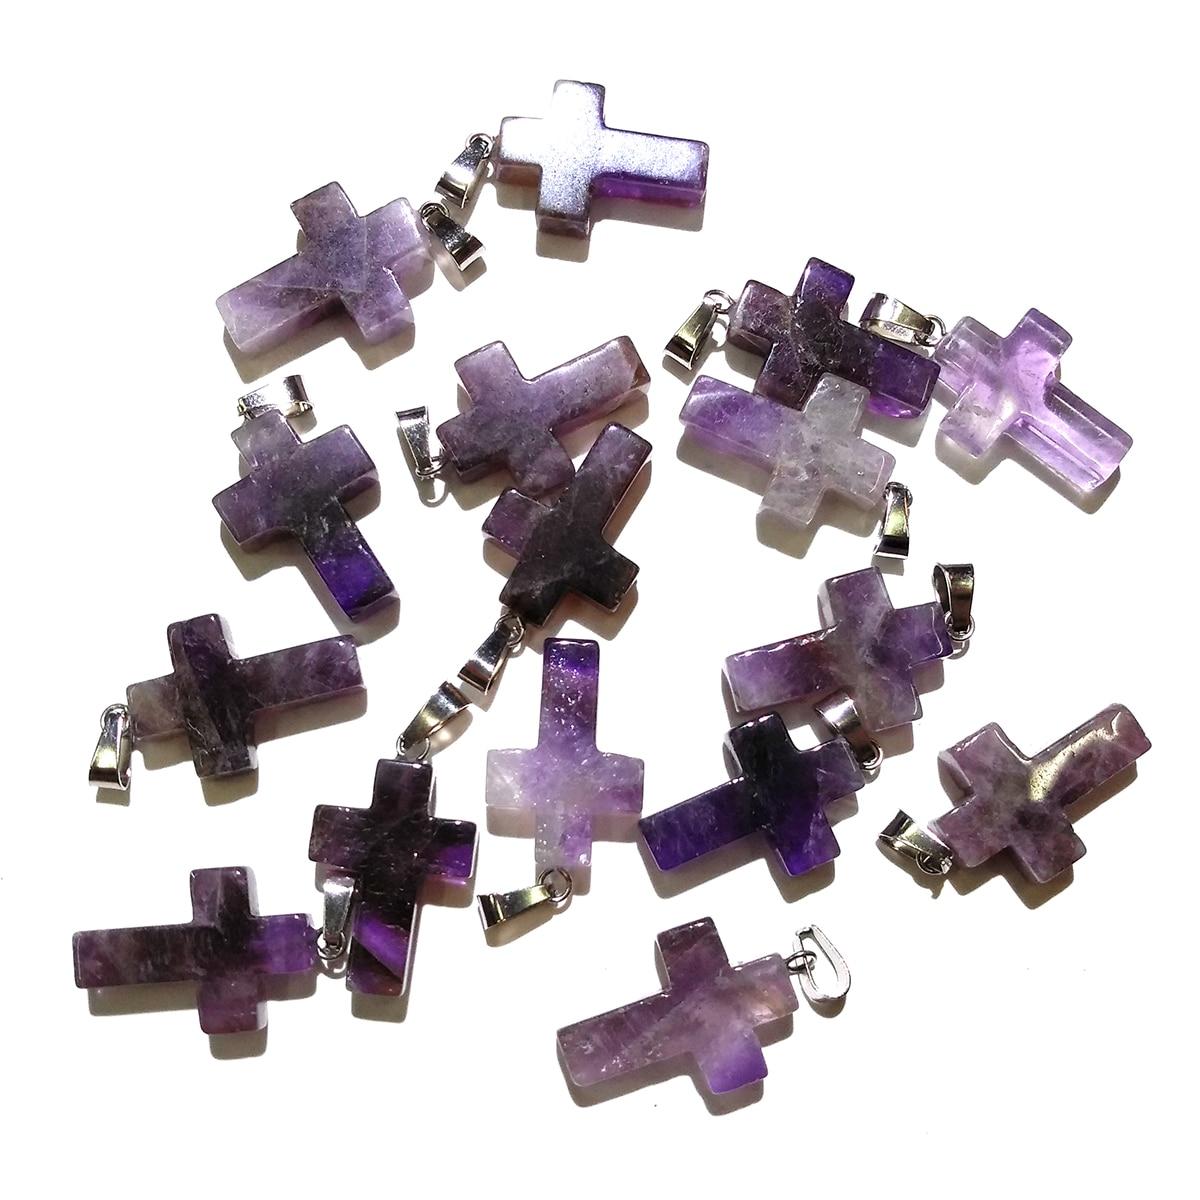 5 uds Cruz con piedra Natural forma amatistas colgantes piedra de la suerte colgante de cristal para la fabricación de joyas Diy collar Accesorios